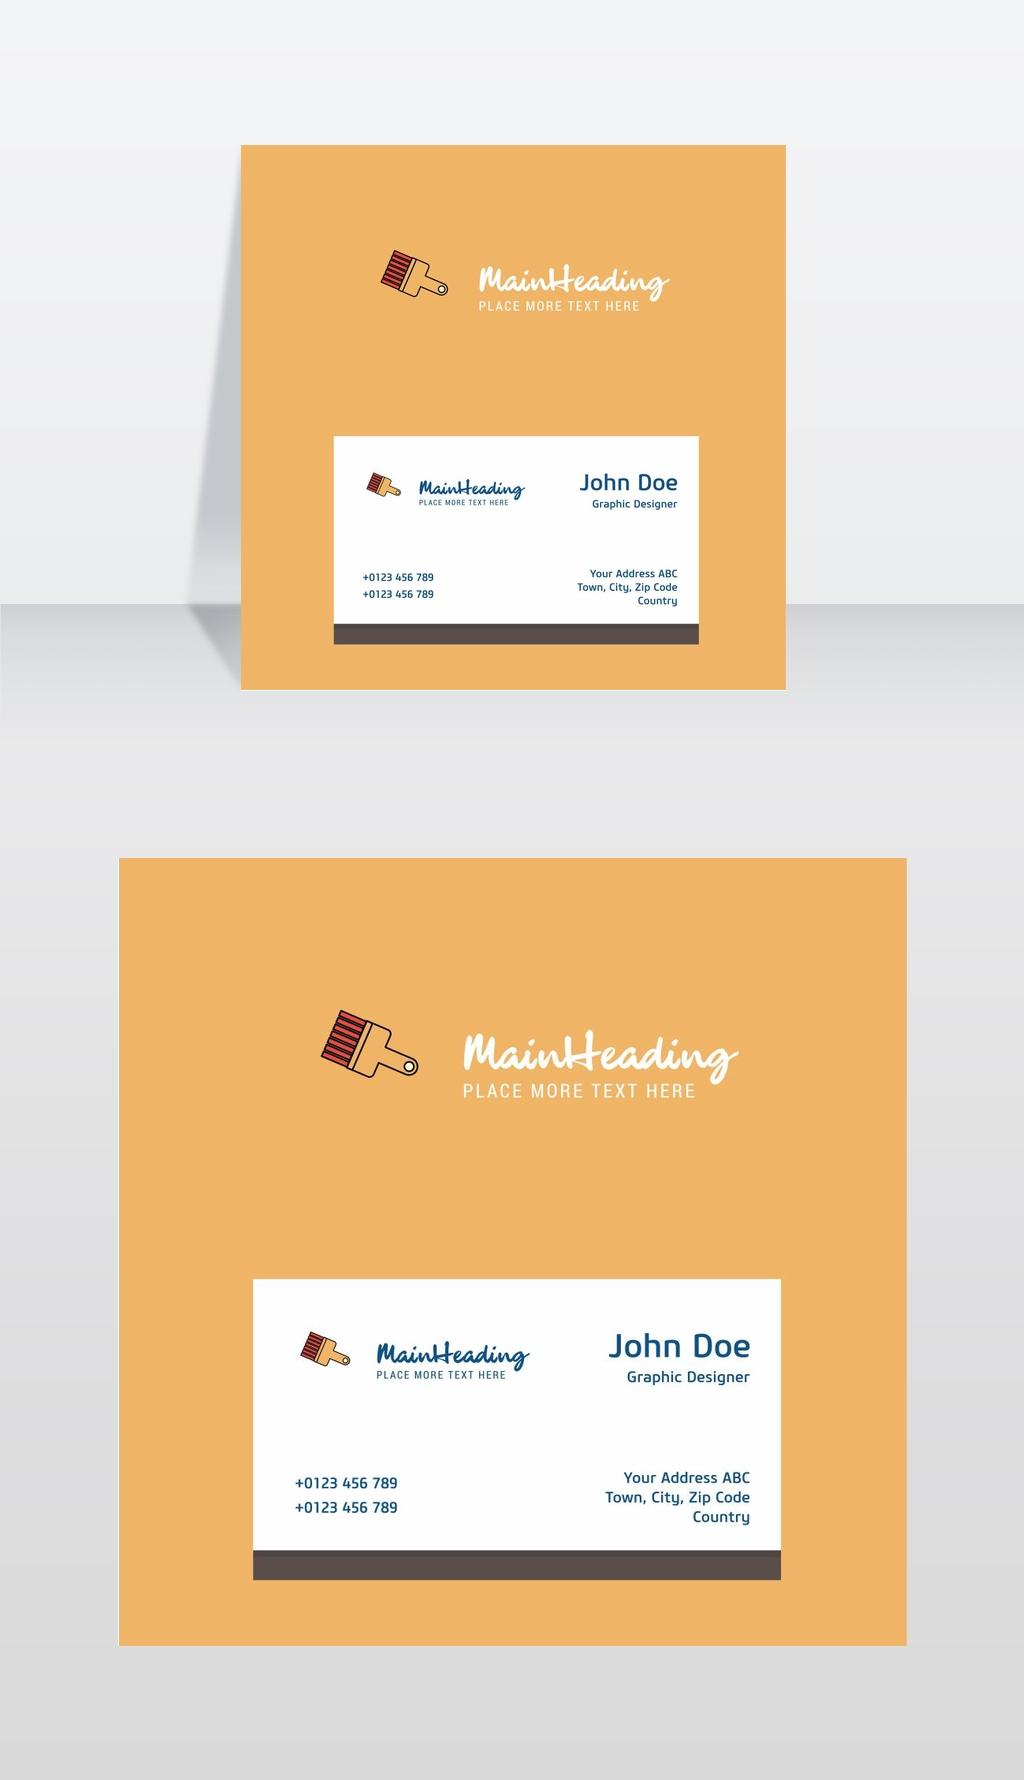 用模板名片绘制画笔标志设计a模板的企业形象国外商业广场景观设计图片